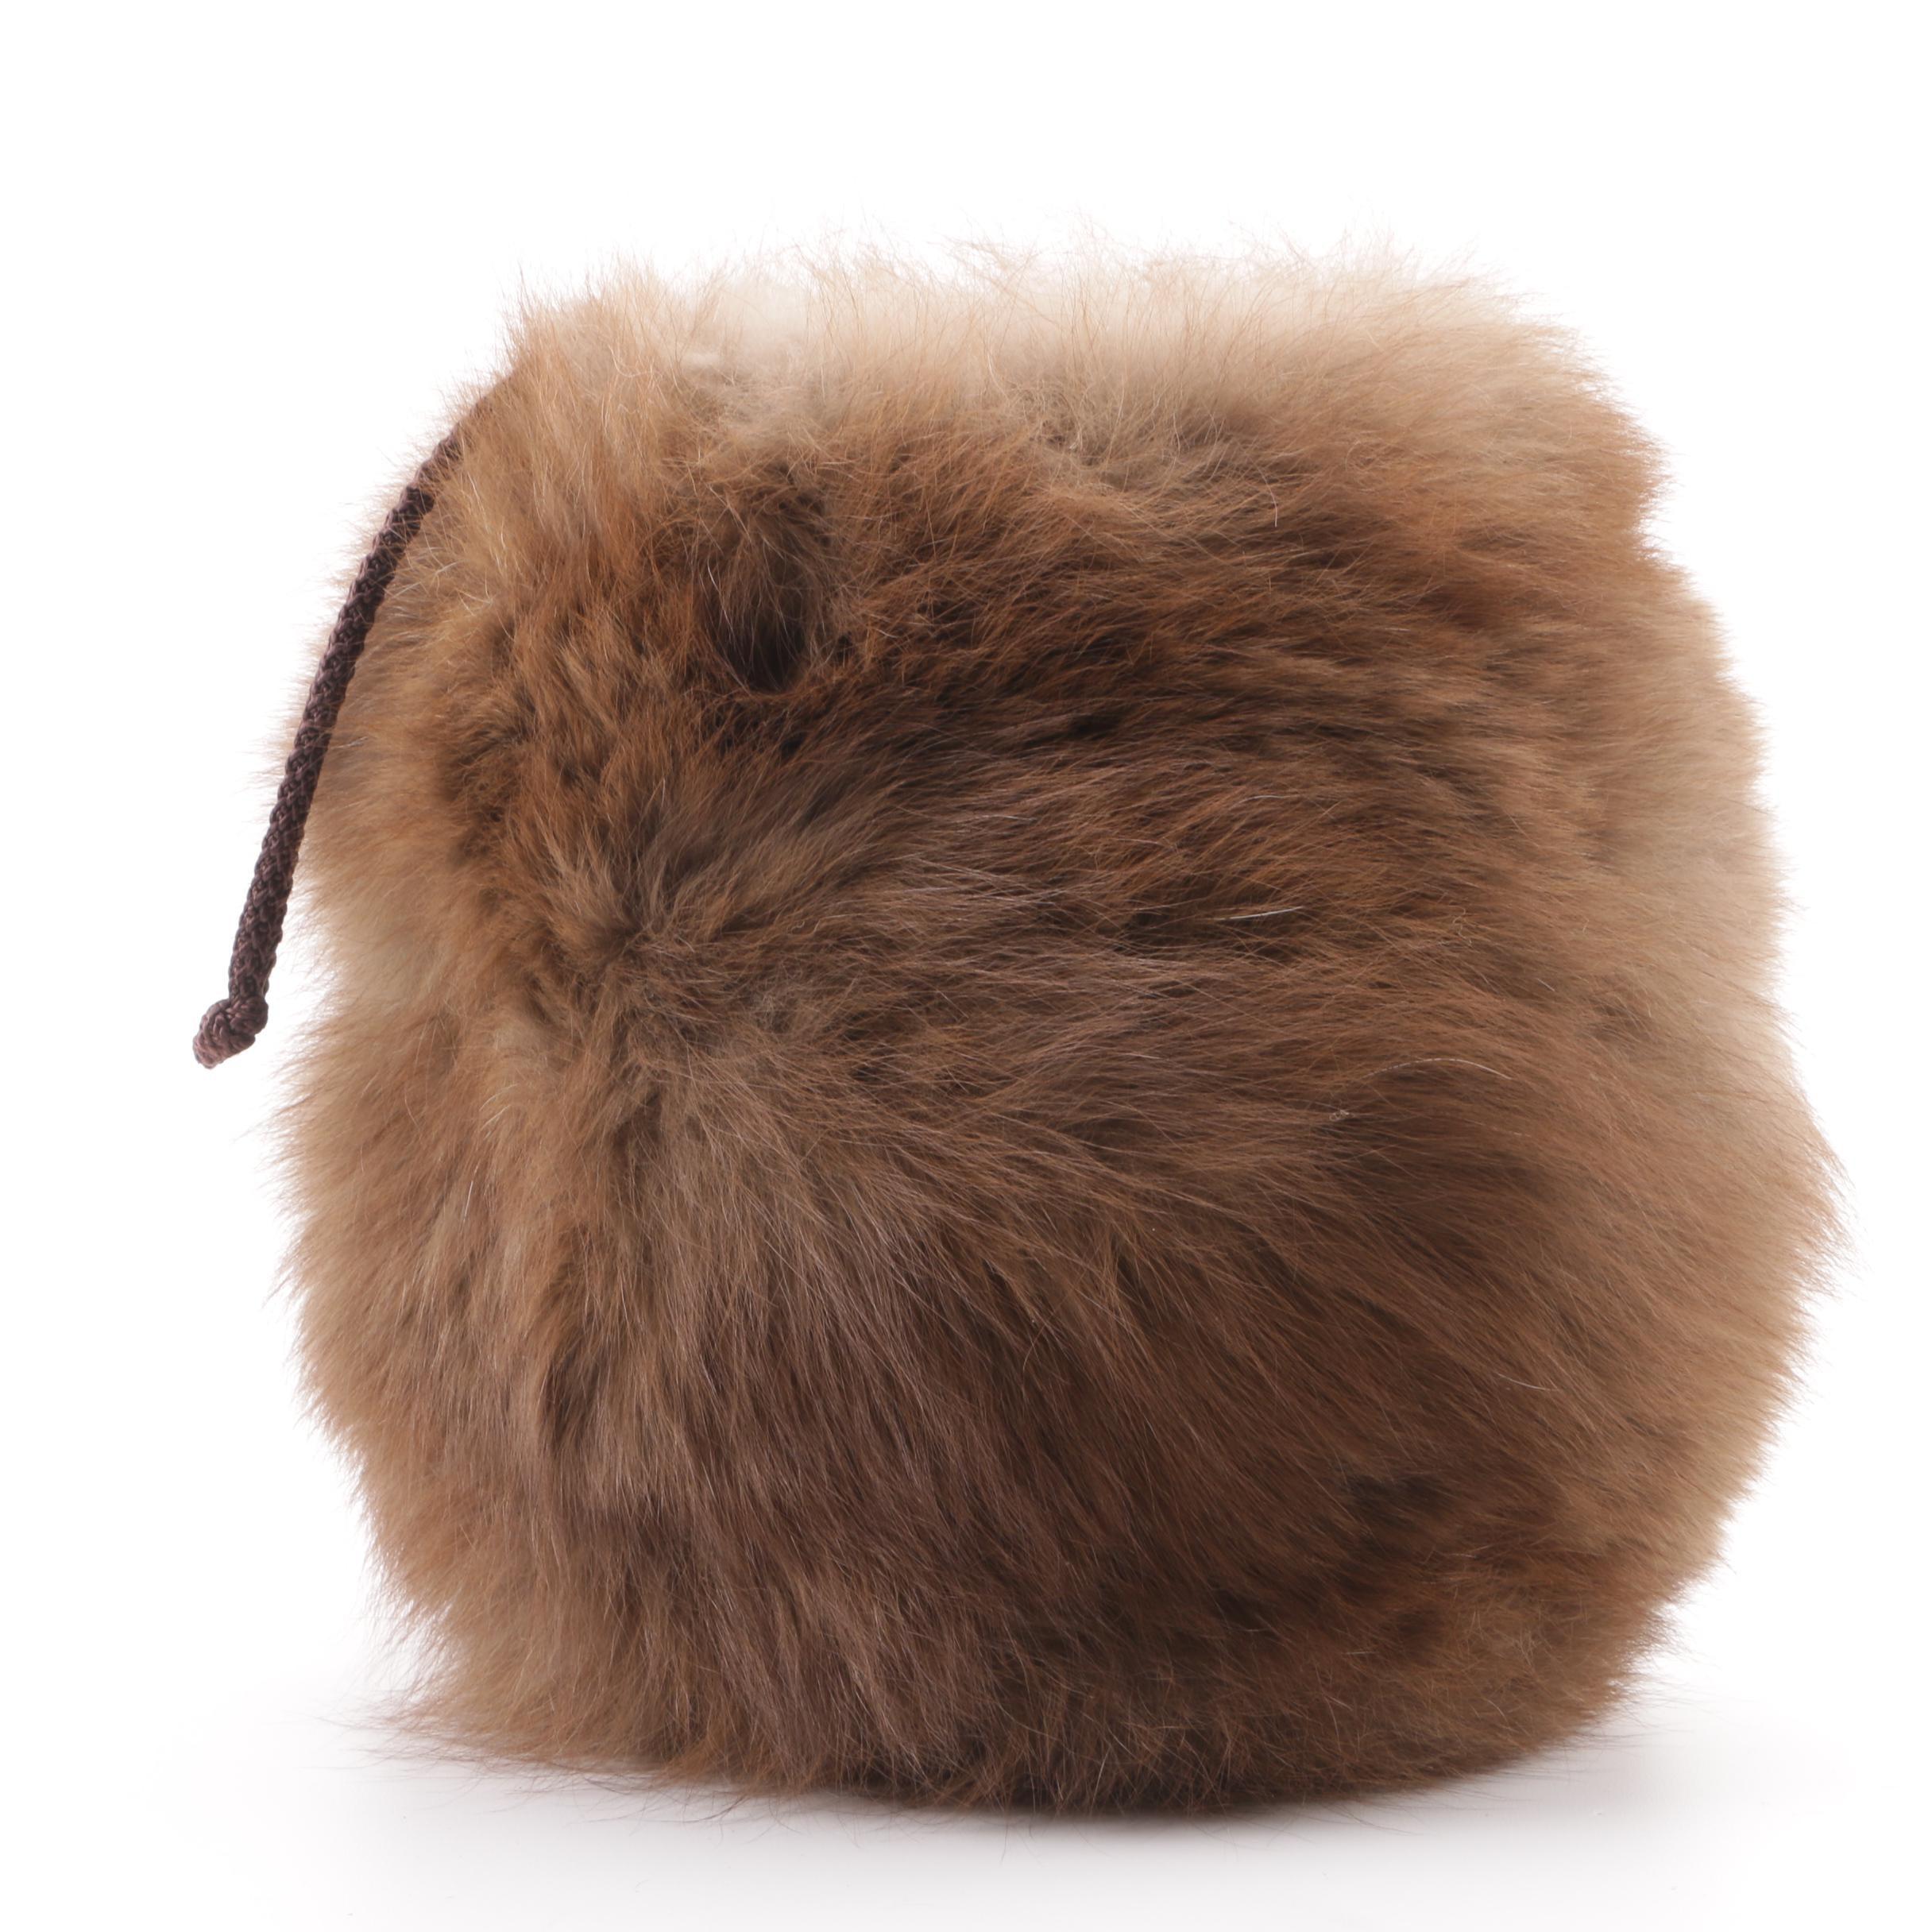 Vintage Marten Fur Muff Purse